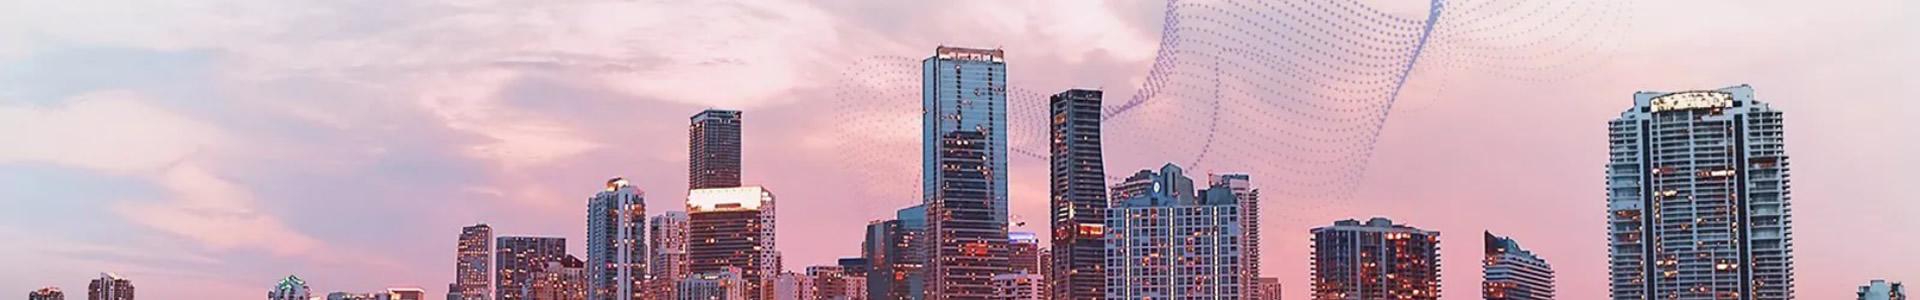 北京戴尔服务器